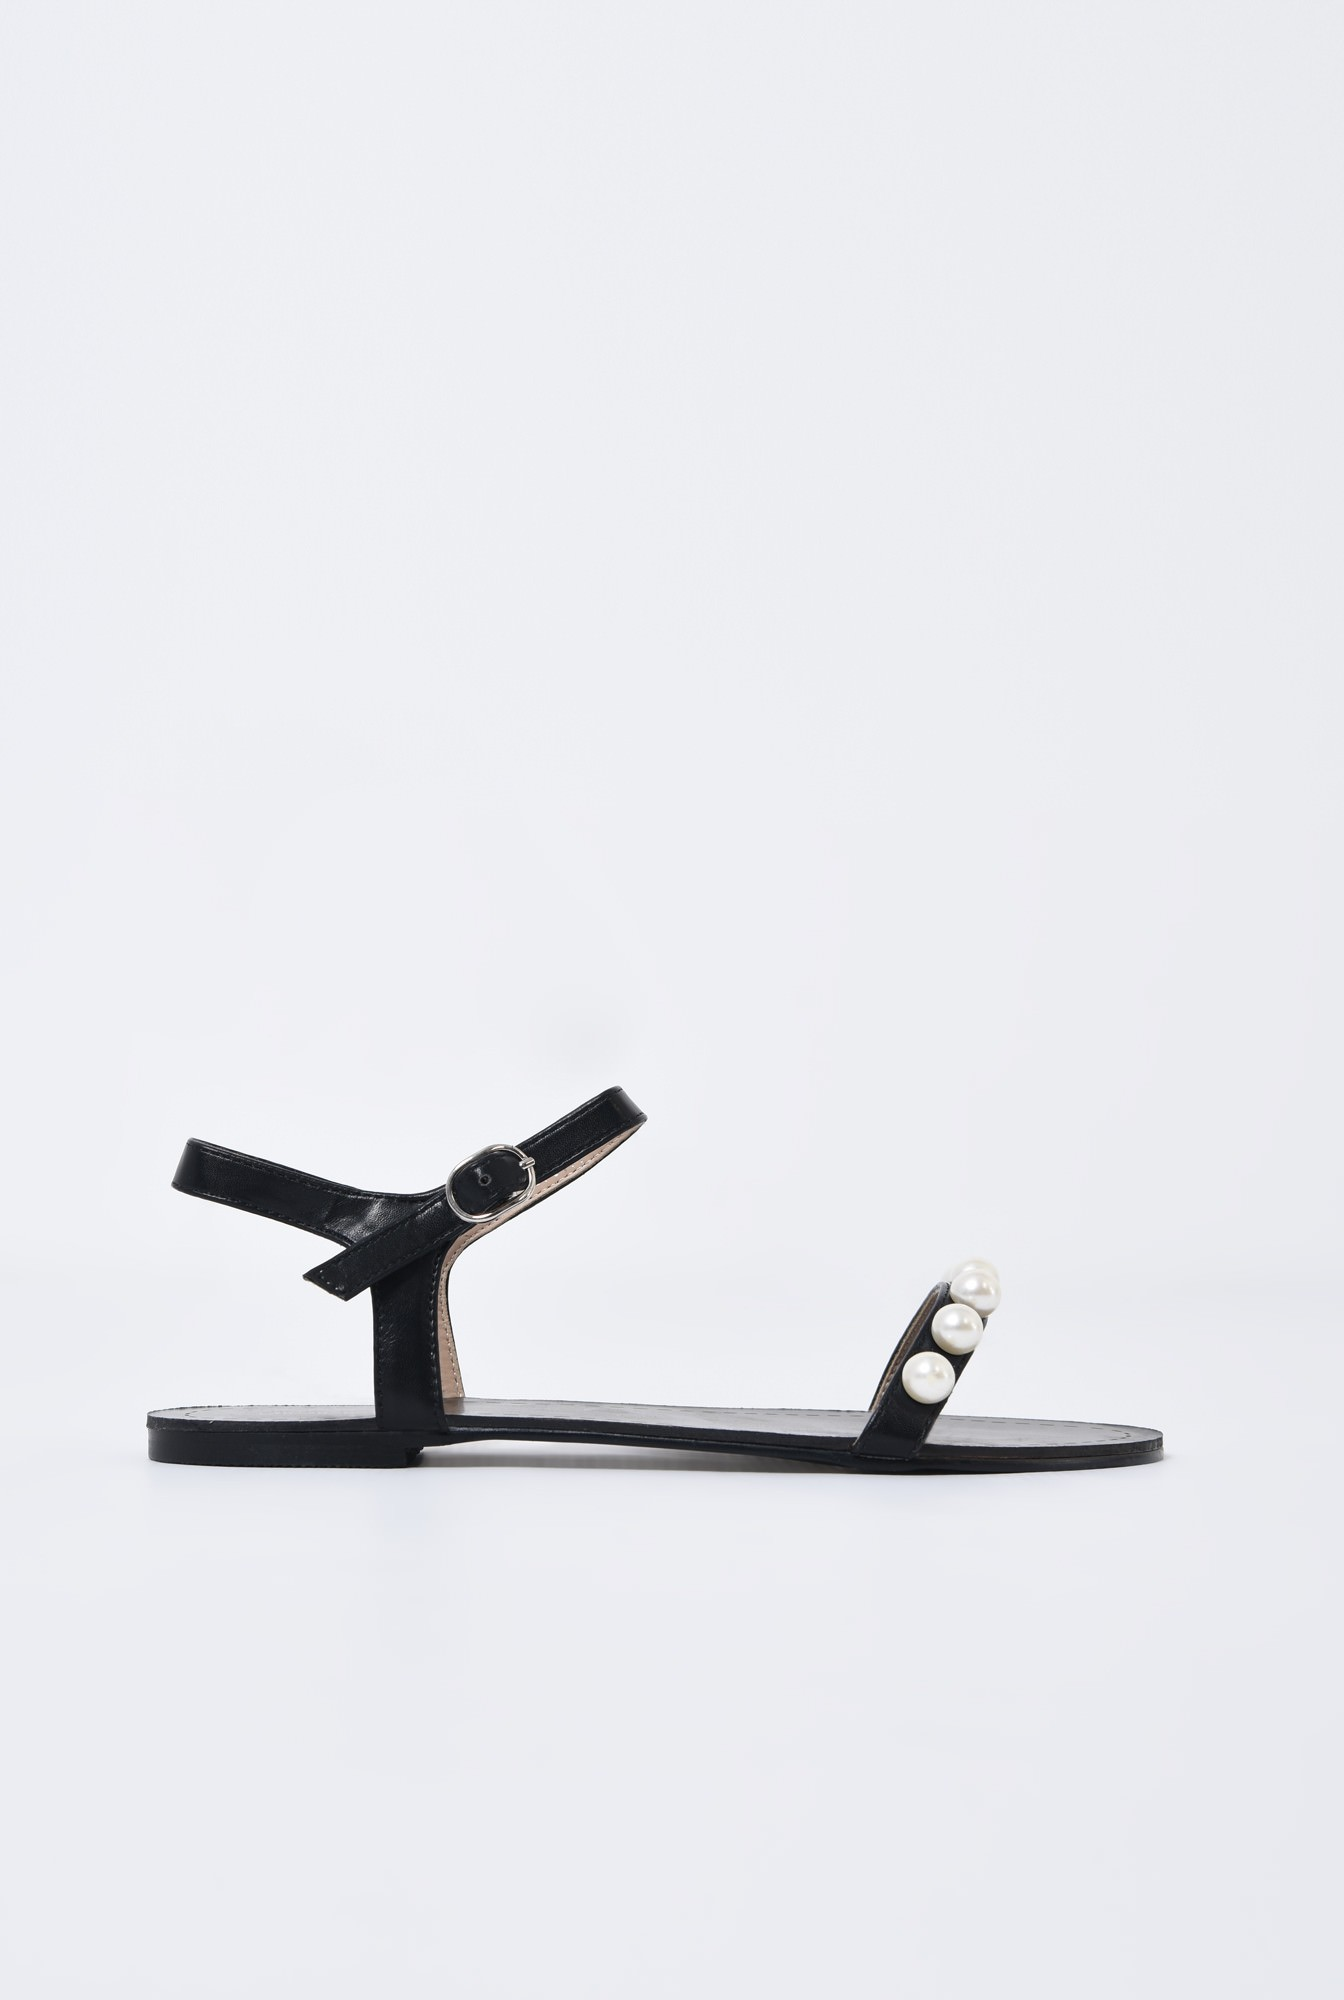 0 - sandale comode, negre, cu talpa joasa, bareta cu perle